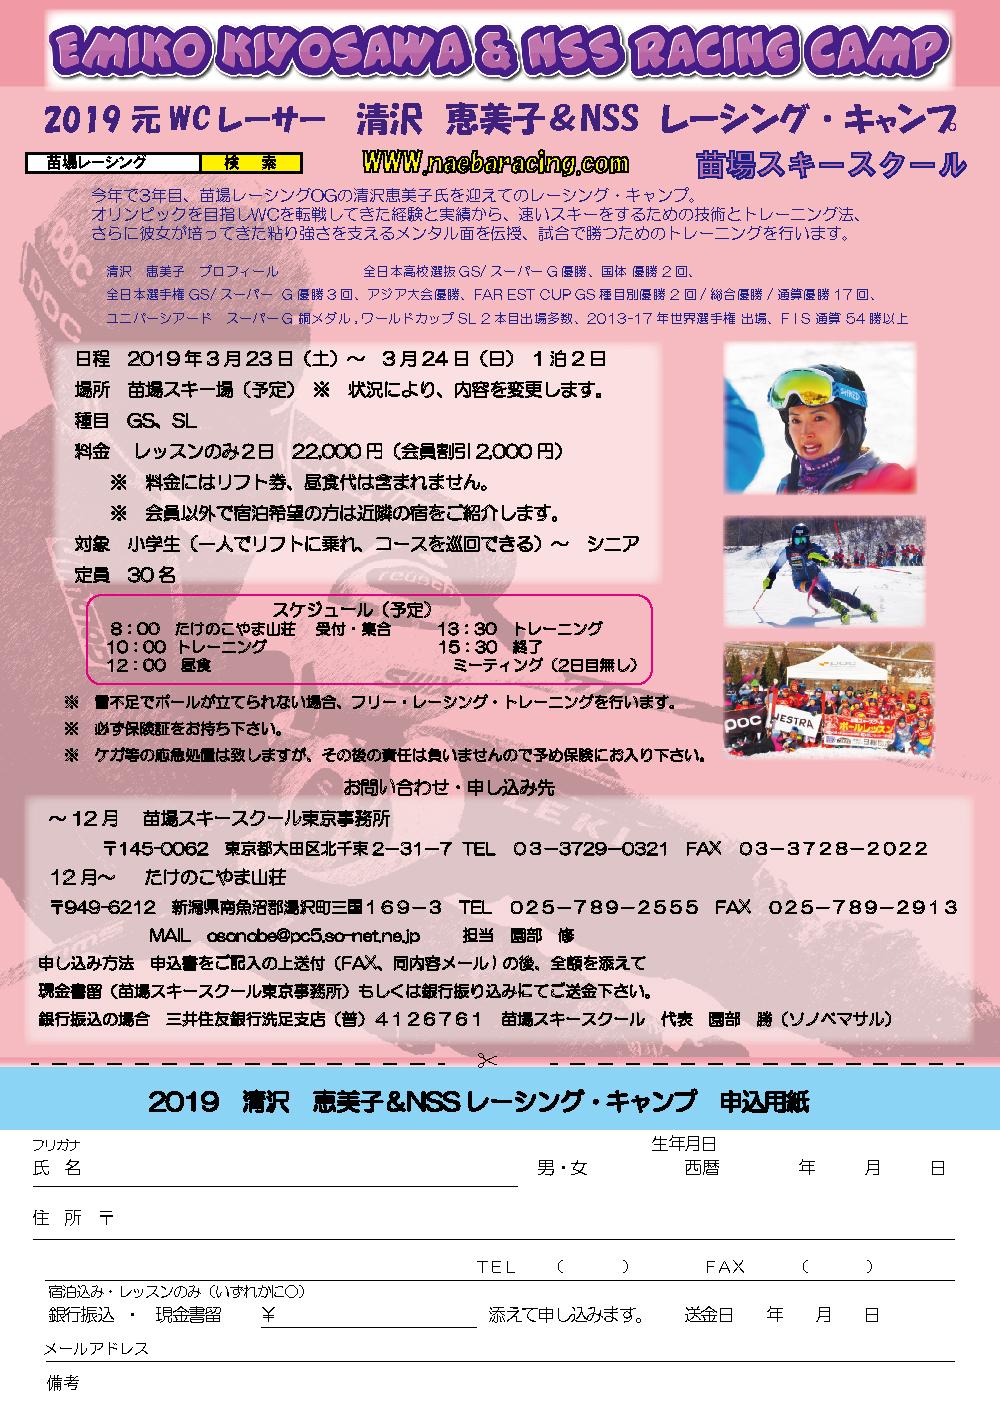 2019清沢恵美子&NSSレーシングキャンプ